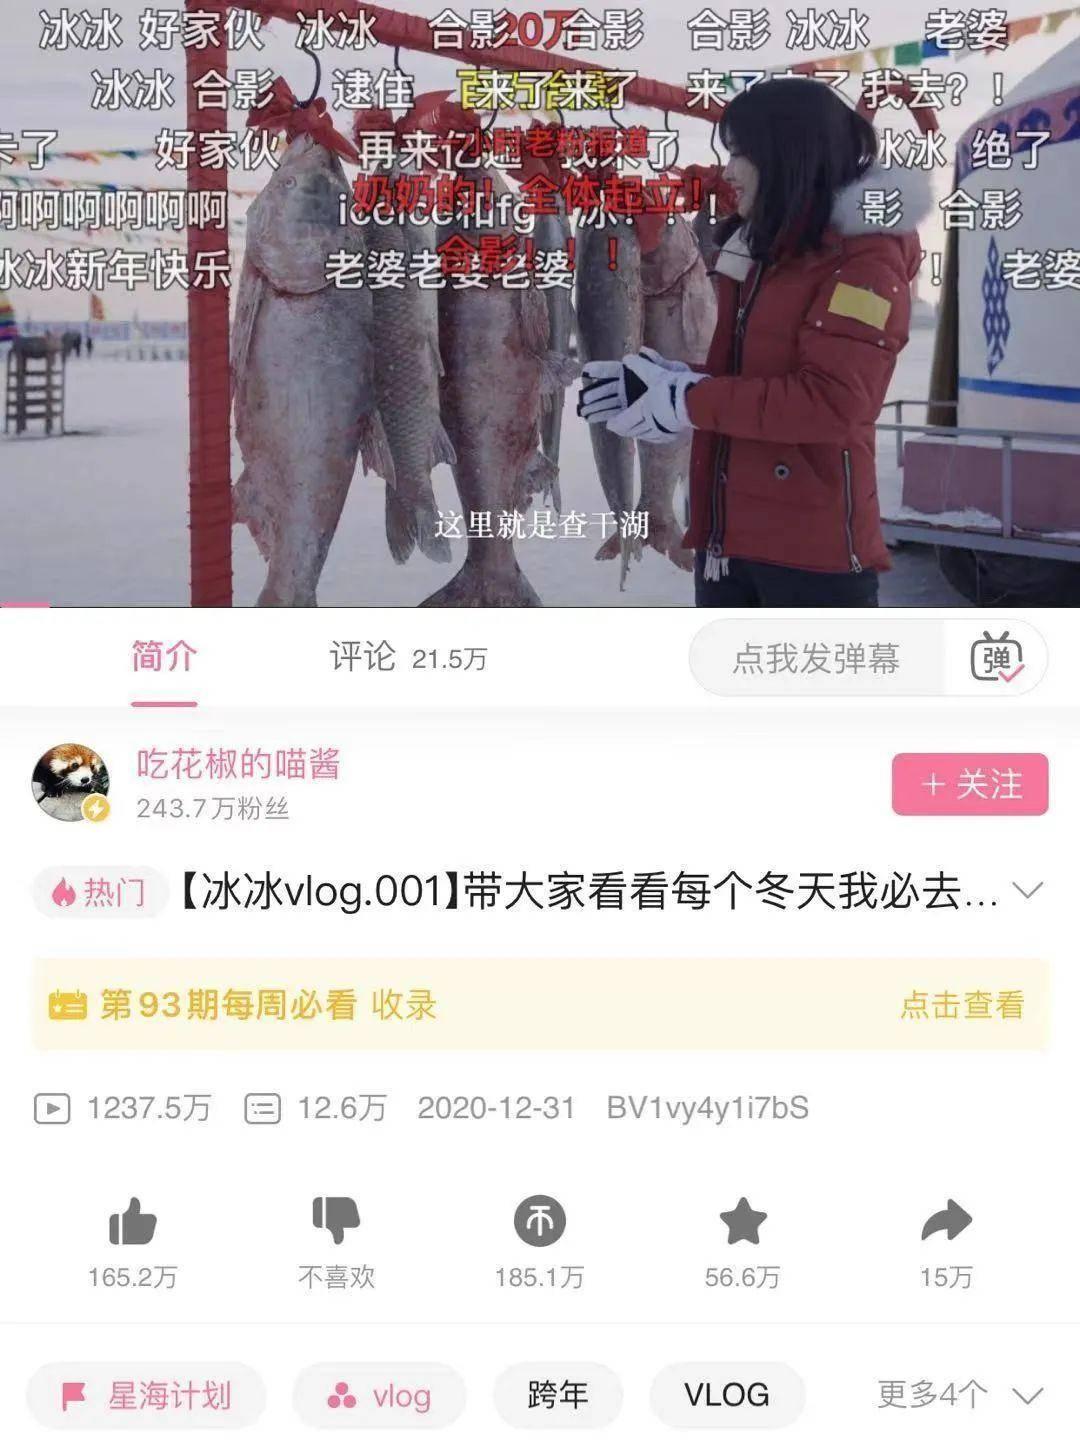 王冰冰入驻B站,仅用10小时刷新百万涨粉最快纪录